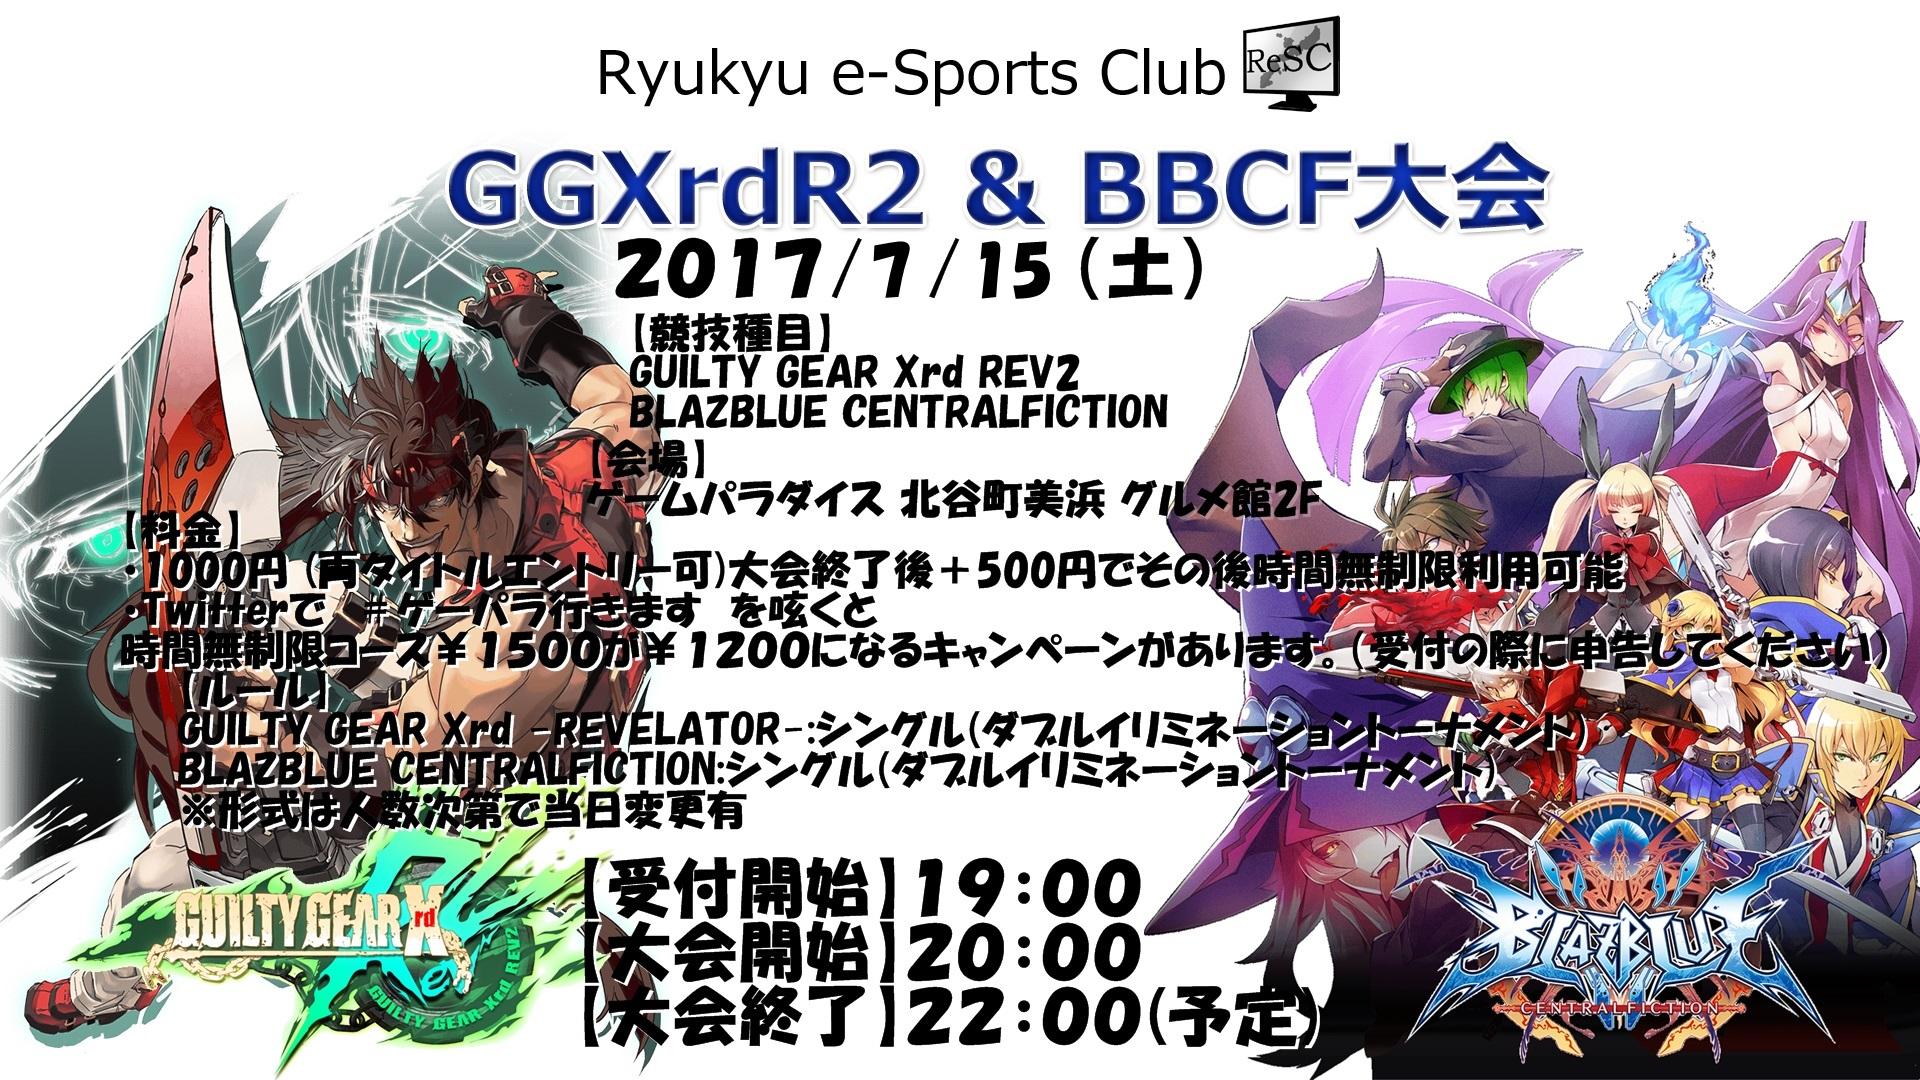 GGXrdR2BBCF2.jpg